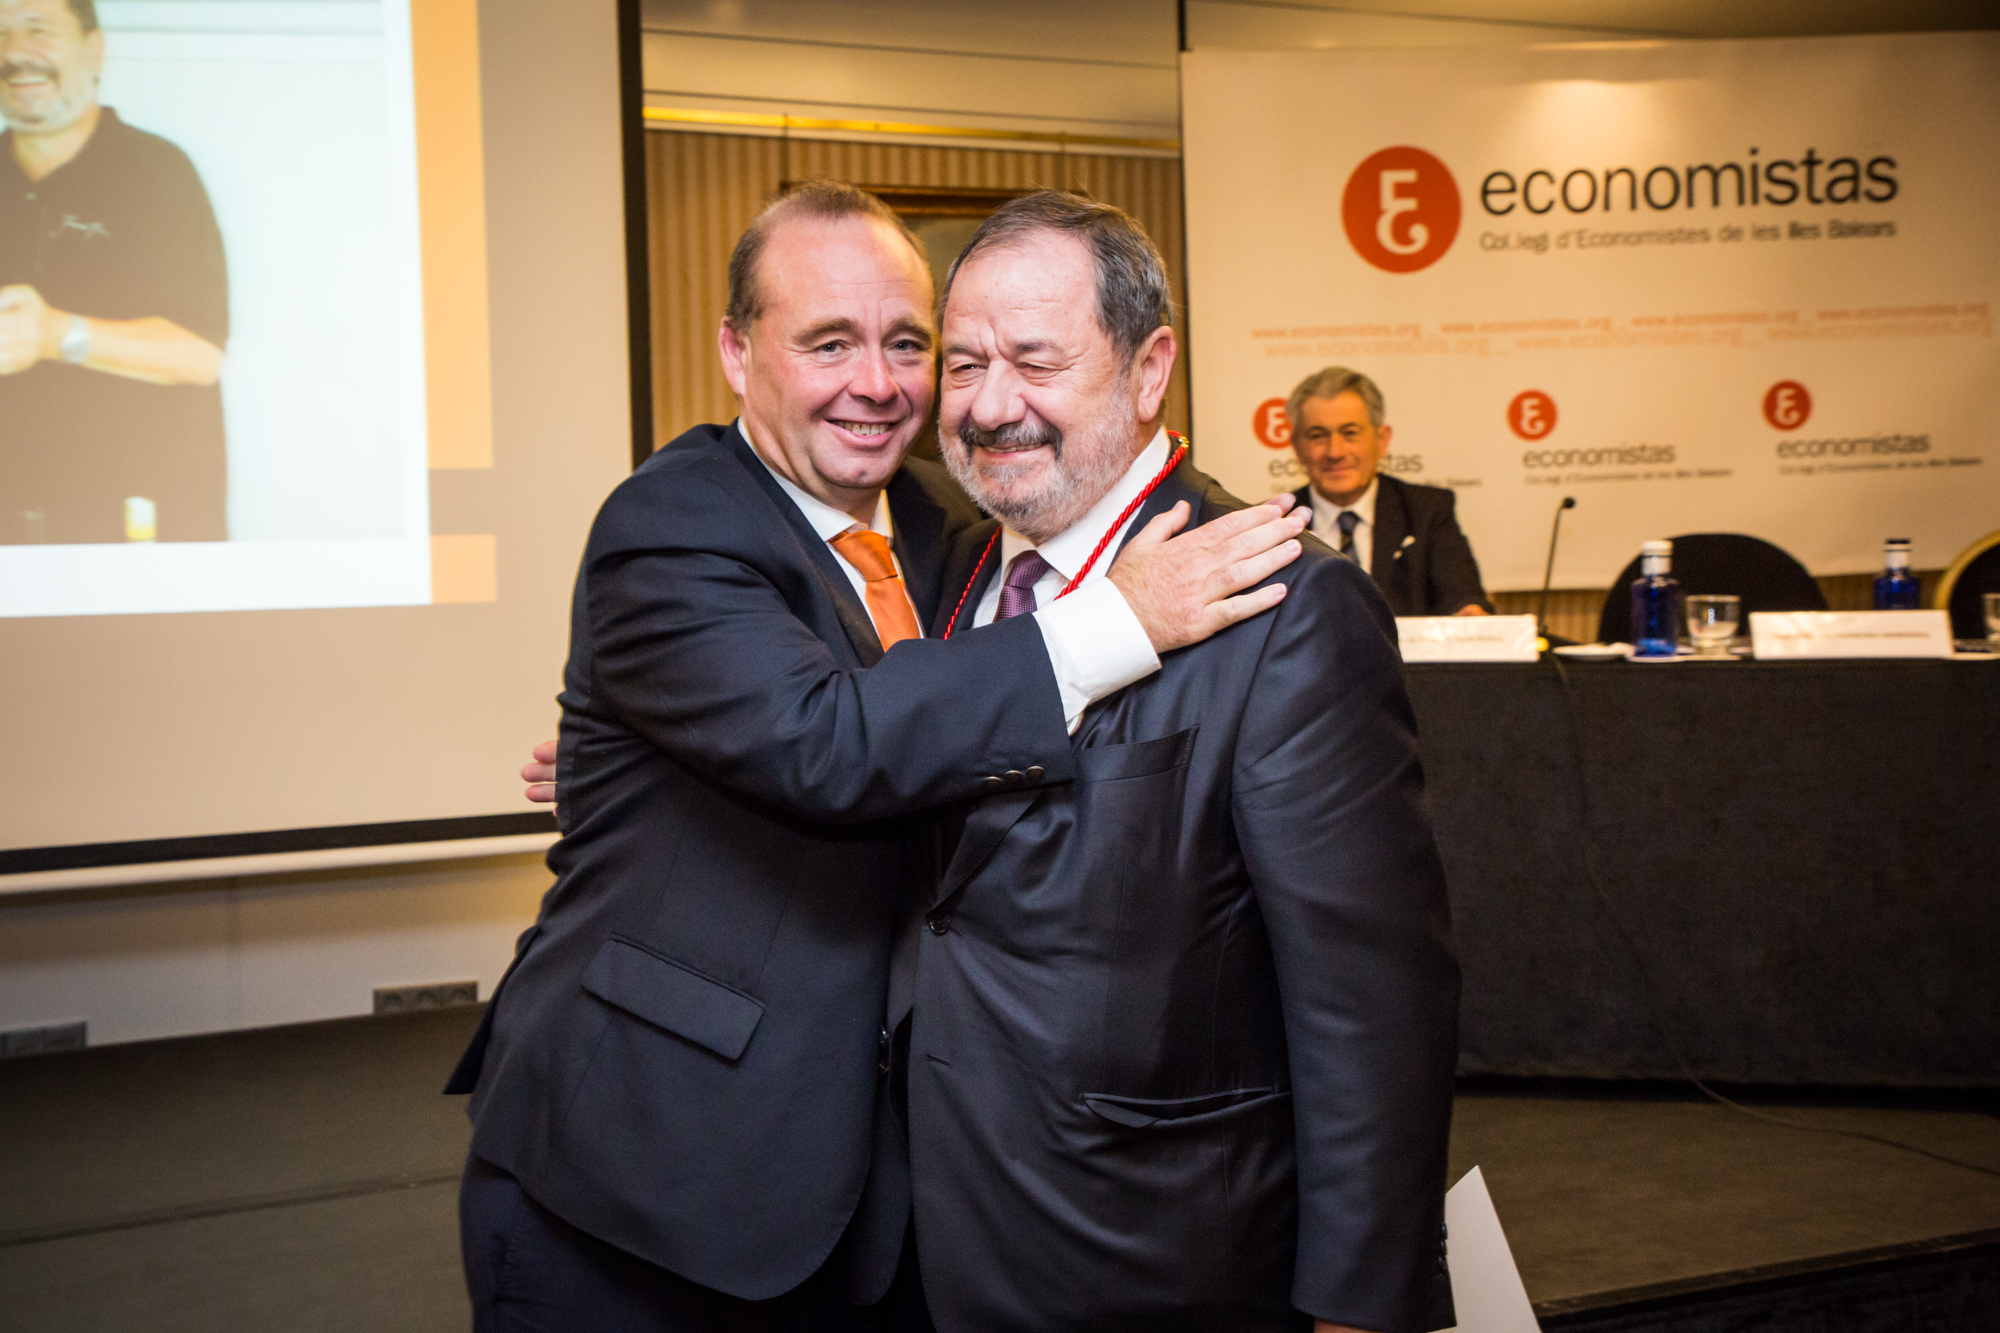 D. Vicente Rotger Rebassa, Medalla de Oro del Colegio de Economistas a la Trayectoria Empresarial 2017